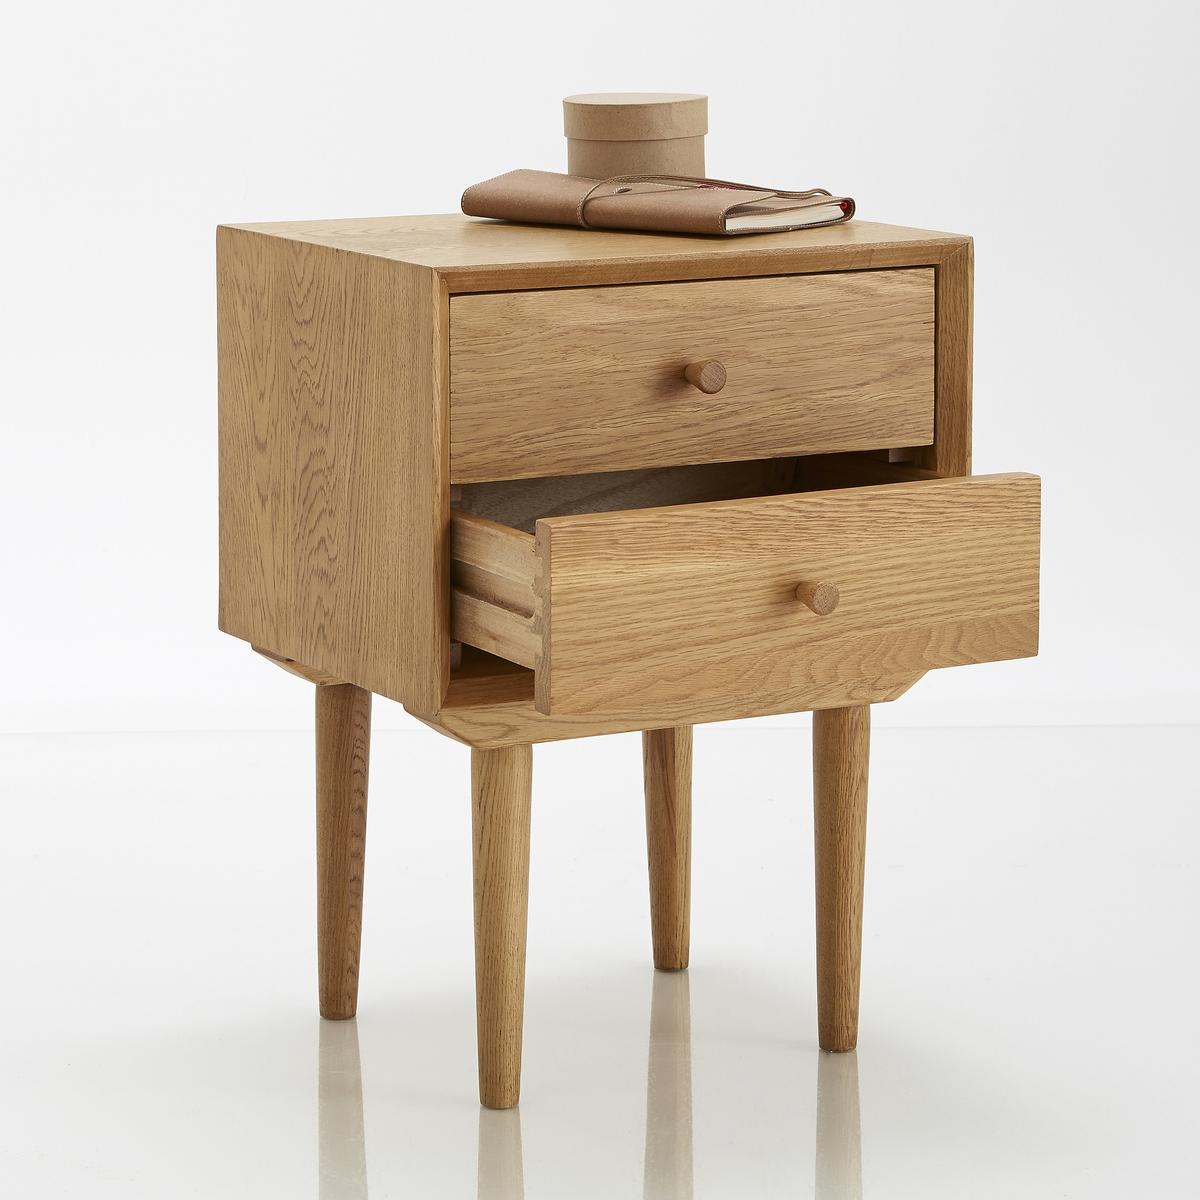 Столик прикроватный, QuildaСтолик прикроватный, 2 ящика, дуб,  Quilda: нестареющий винтаж- столик с 2 ящиками, практичный и эстетичный, подойдет к интерьеру любого стиля. Компактен, подходит даже для небольших помещений.Описание  :2 ящика Характеристики :Ножки из массива дуба Корпус и ящики из дуба и МДФ и  дубовой фанеры Полка из МДФ, дубовая фанера Покрытие лаком Вся коллекция Quilda на сайте  .Размеры  :Длина : 40 смВысота : 55 смГлубина : 33 см.Размеры. внутренние размеры ящика :Длина : 36 смВысота : 11,8 смГлубина : 26,8 см Размеры и вес ящика :1 упаковка46,5 x 39.5 x 39,5 см 13 кг Доставка :Поставляется в разобранном виде . Возможна доставка на дом!Внимание ! Убедитесь в возможности доставки на дом.<br><br>Цвет: светлый дуб